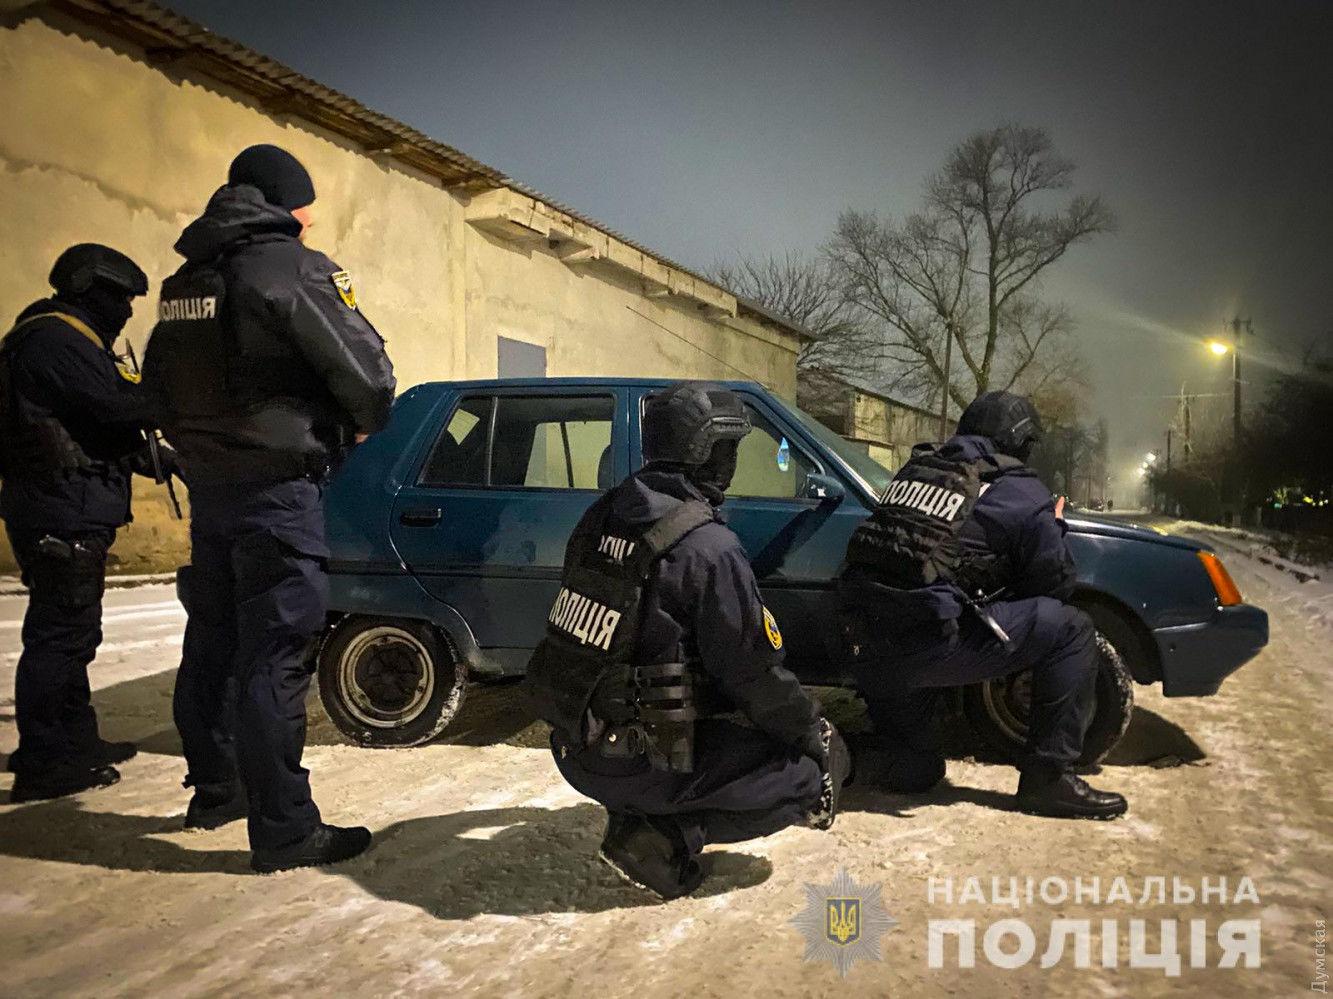 В Николаевской области сын ампутировал отцу нос, губы и половой орган и расстрелял полицию, кадры